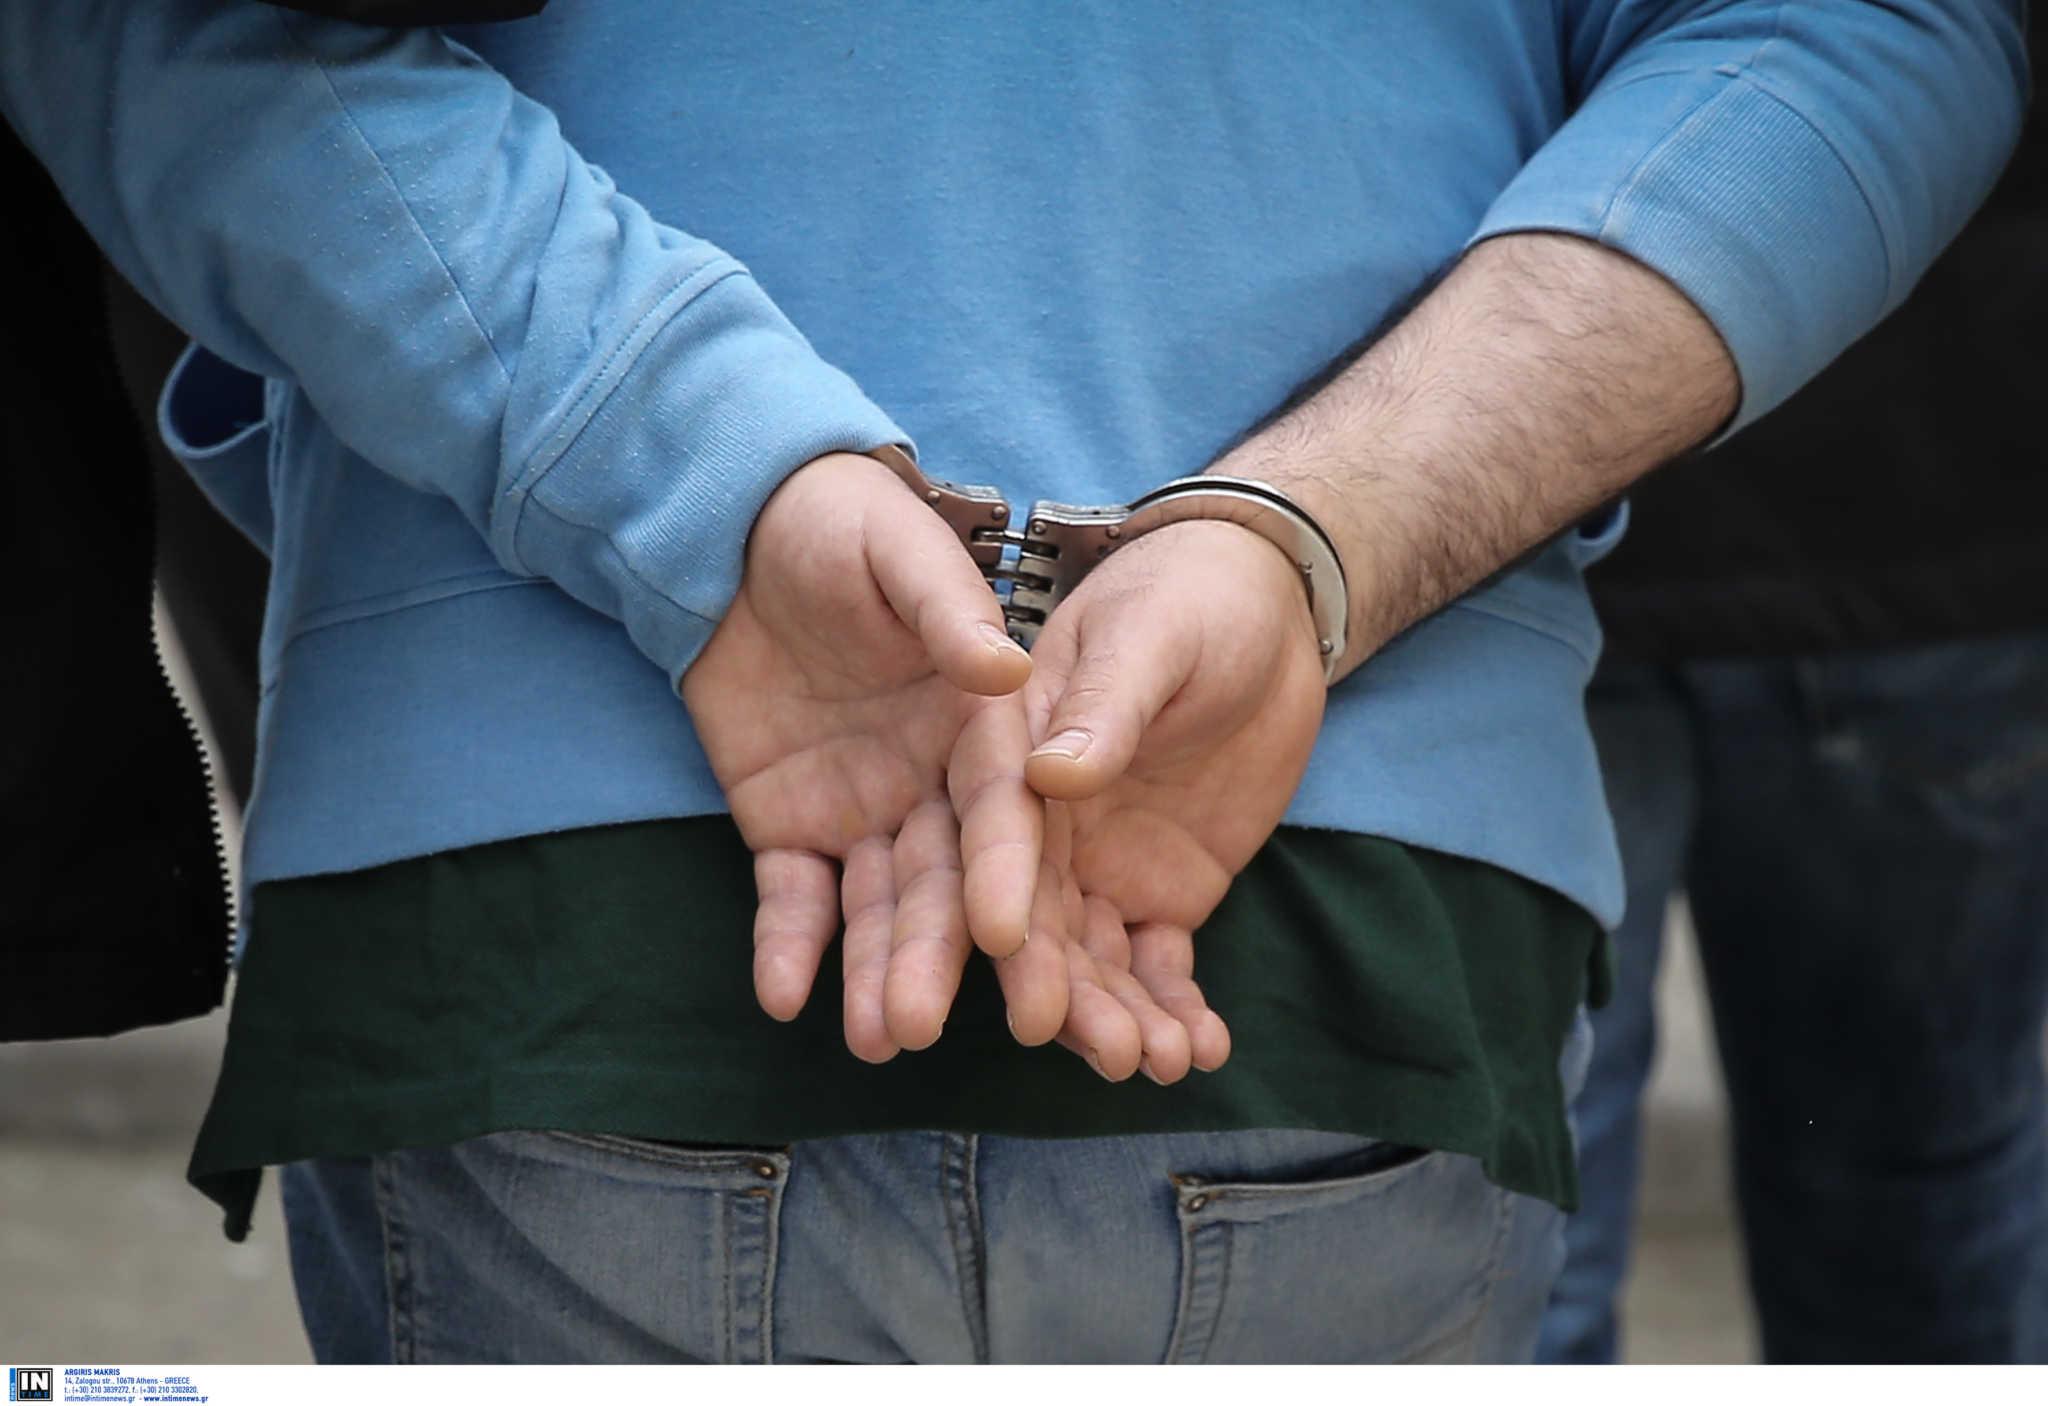 Θεσσαλονίκη: Συνελήφθη 33χρονος Σύρος τζιχαντιστής – Συμμετείχε σε πρώην παρακλάδι της Αλ Κάιντα